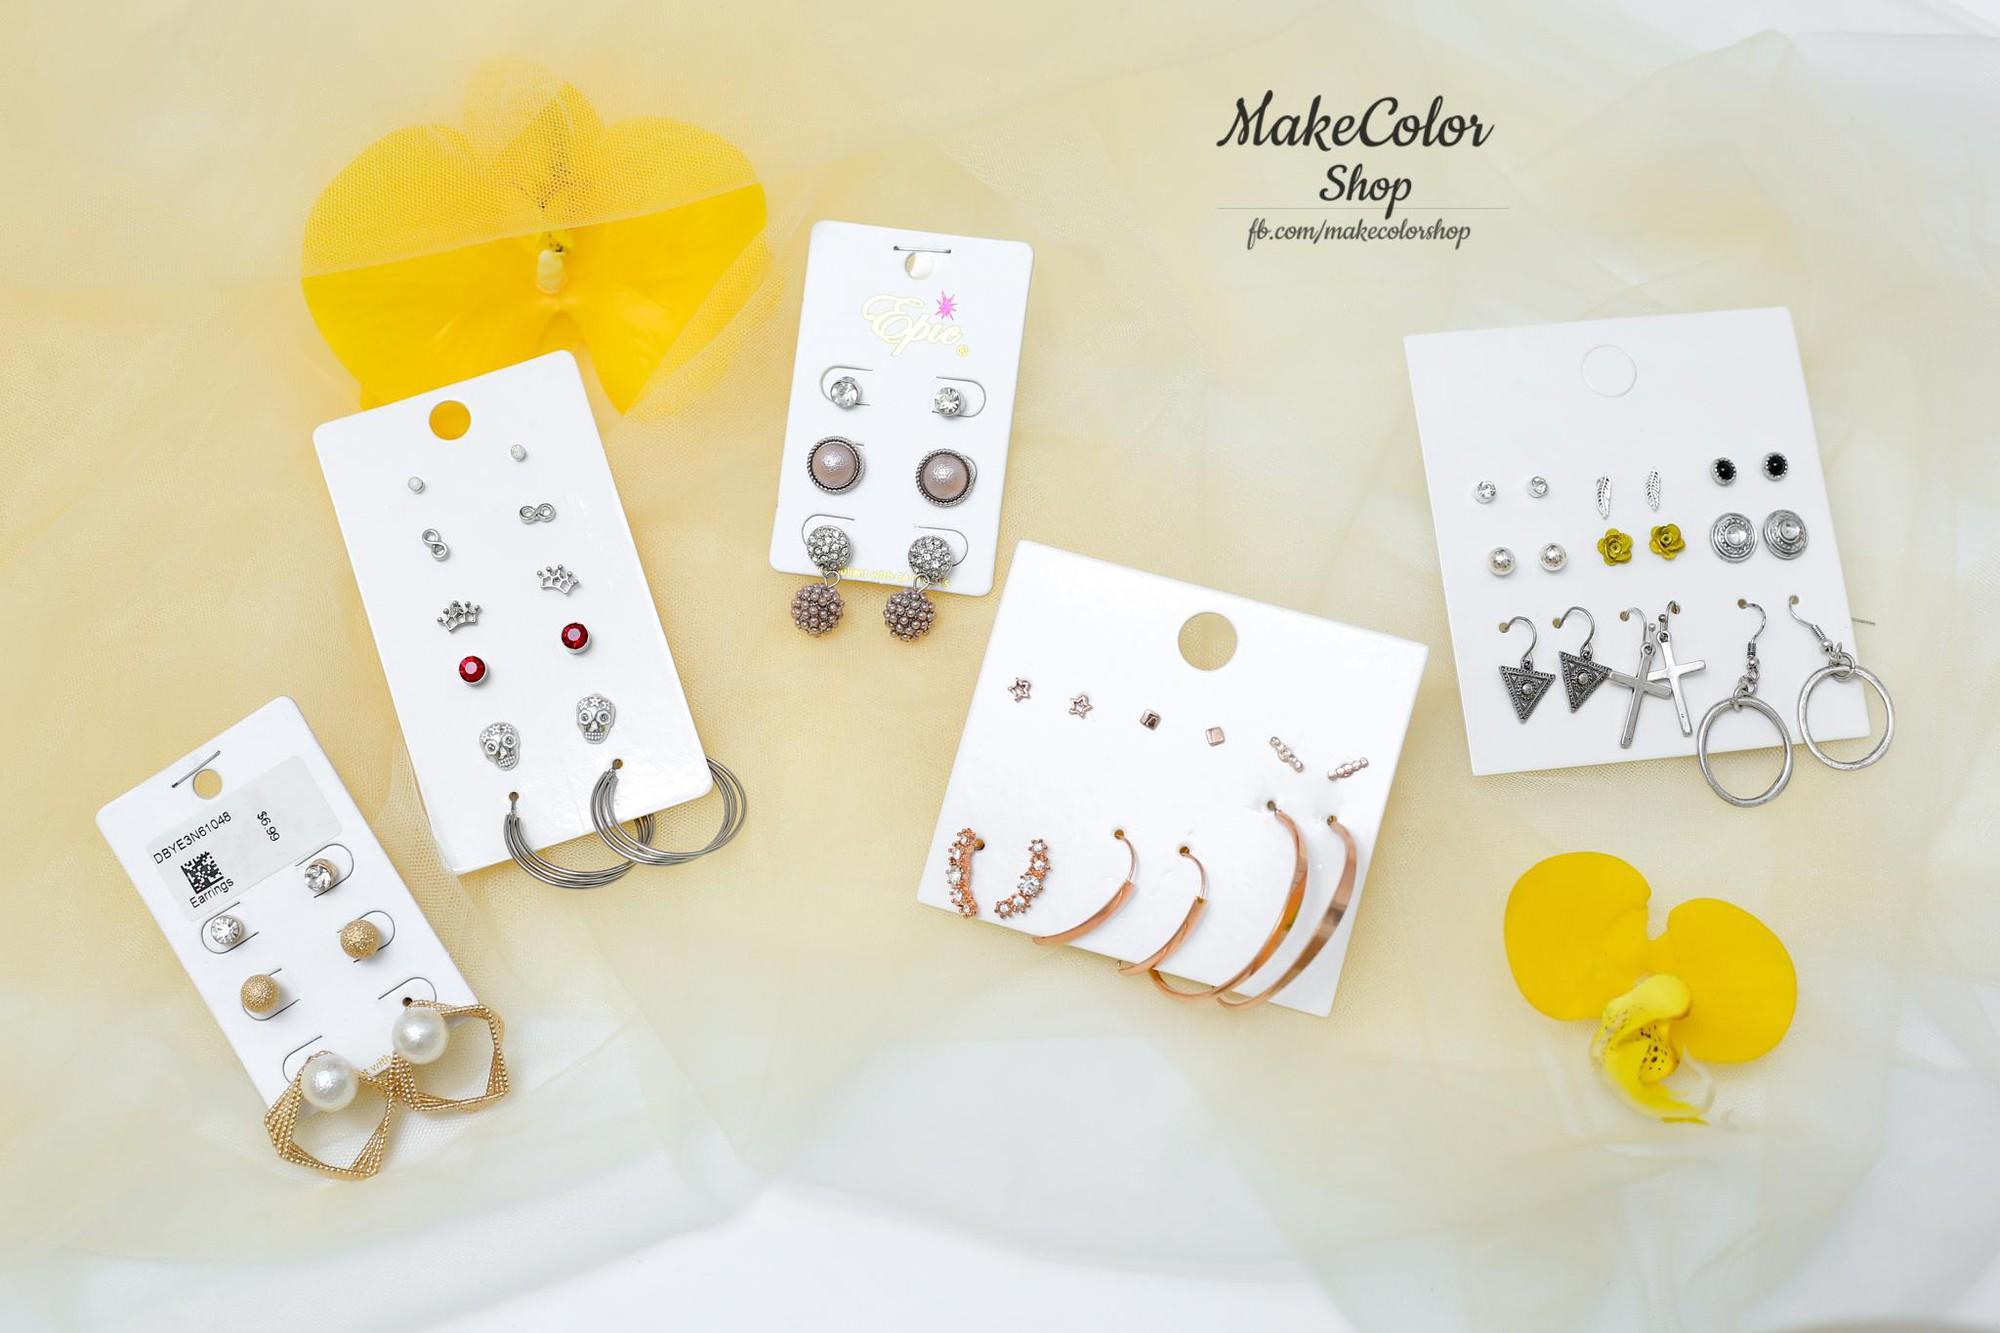 Make Color Shop – Thương hiệu phụ kiện và trang sức được giới trẻ yêu thích - Ảnh 9.